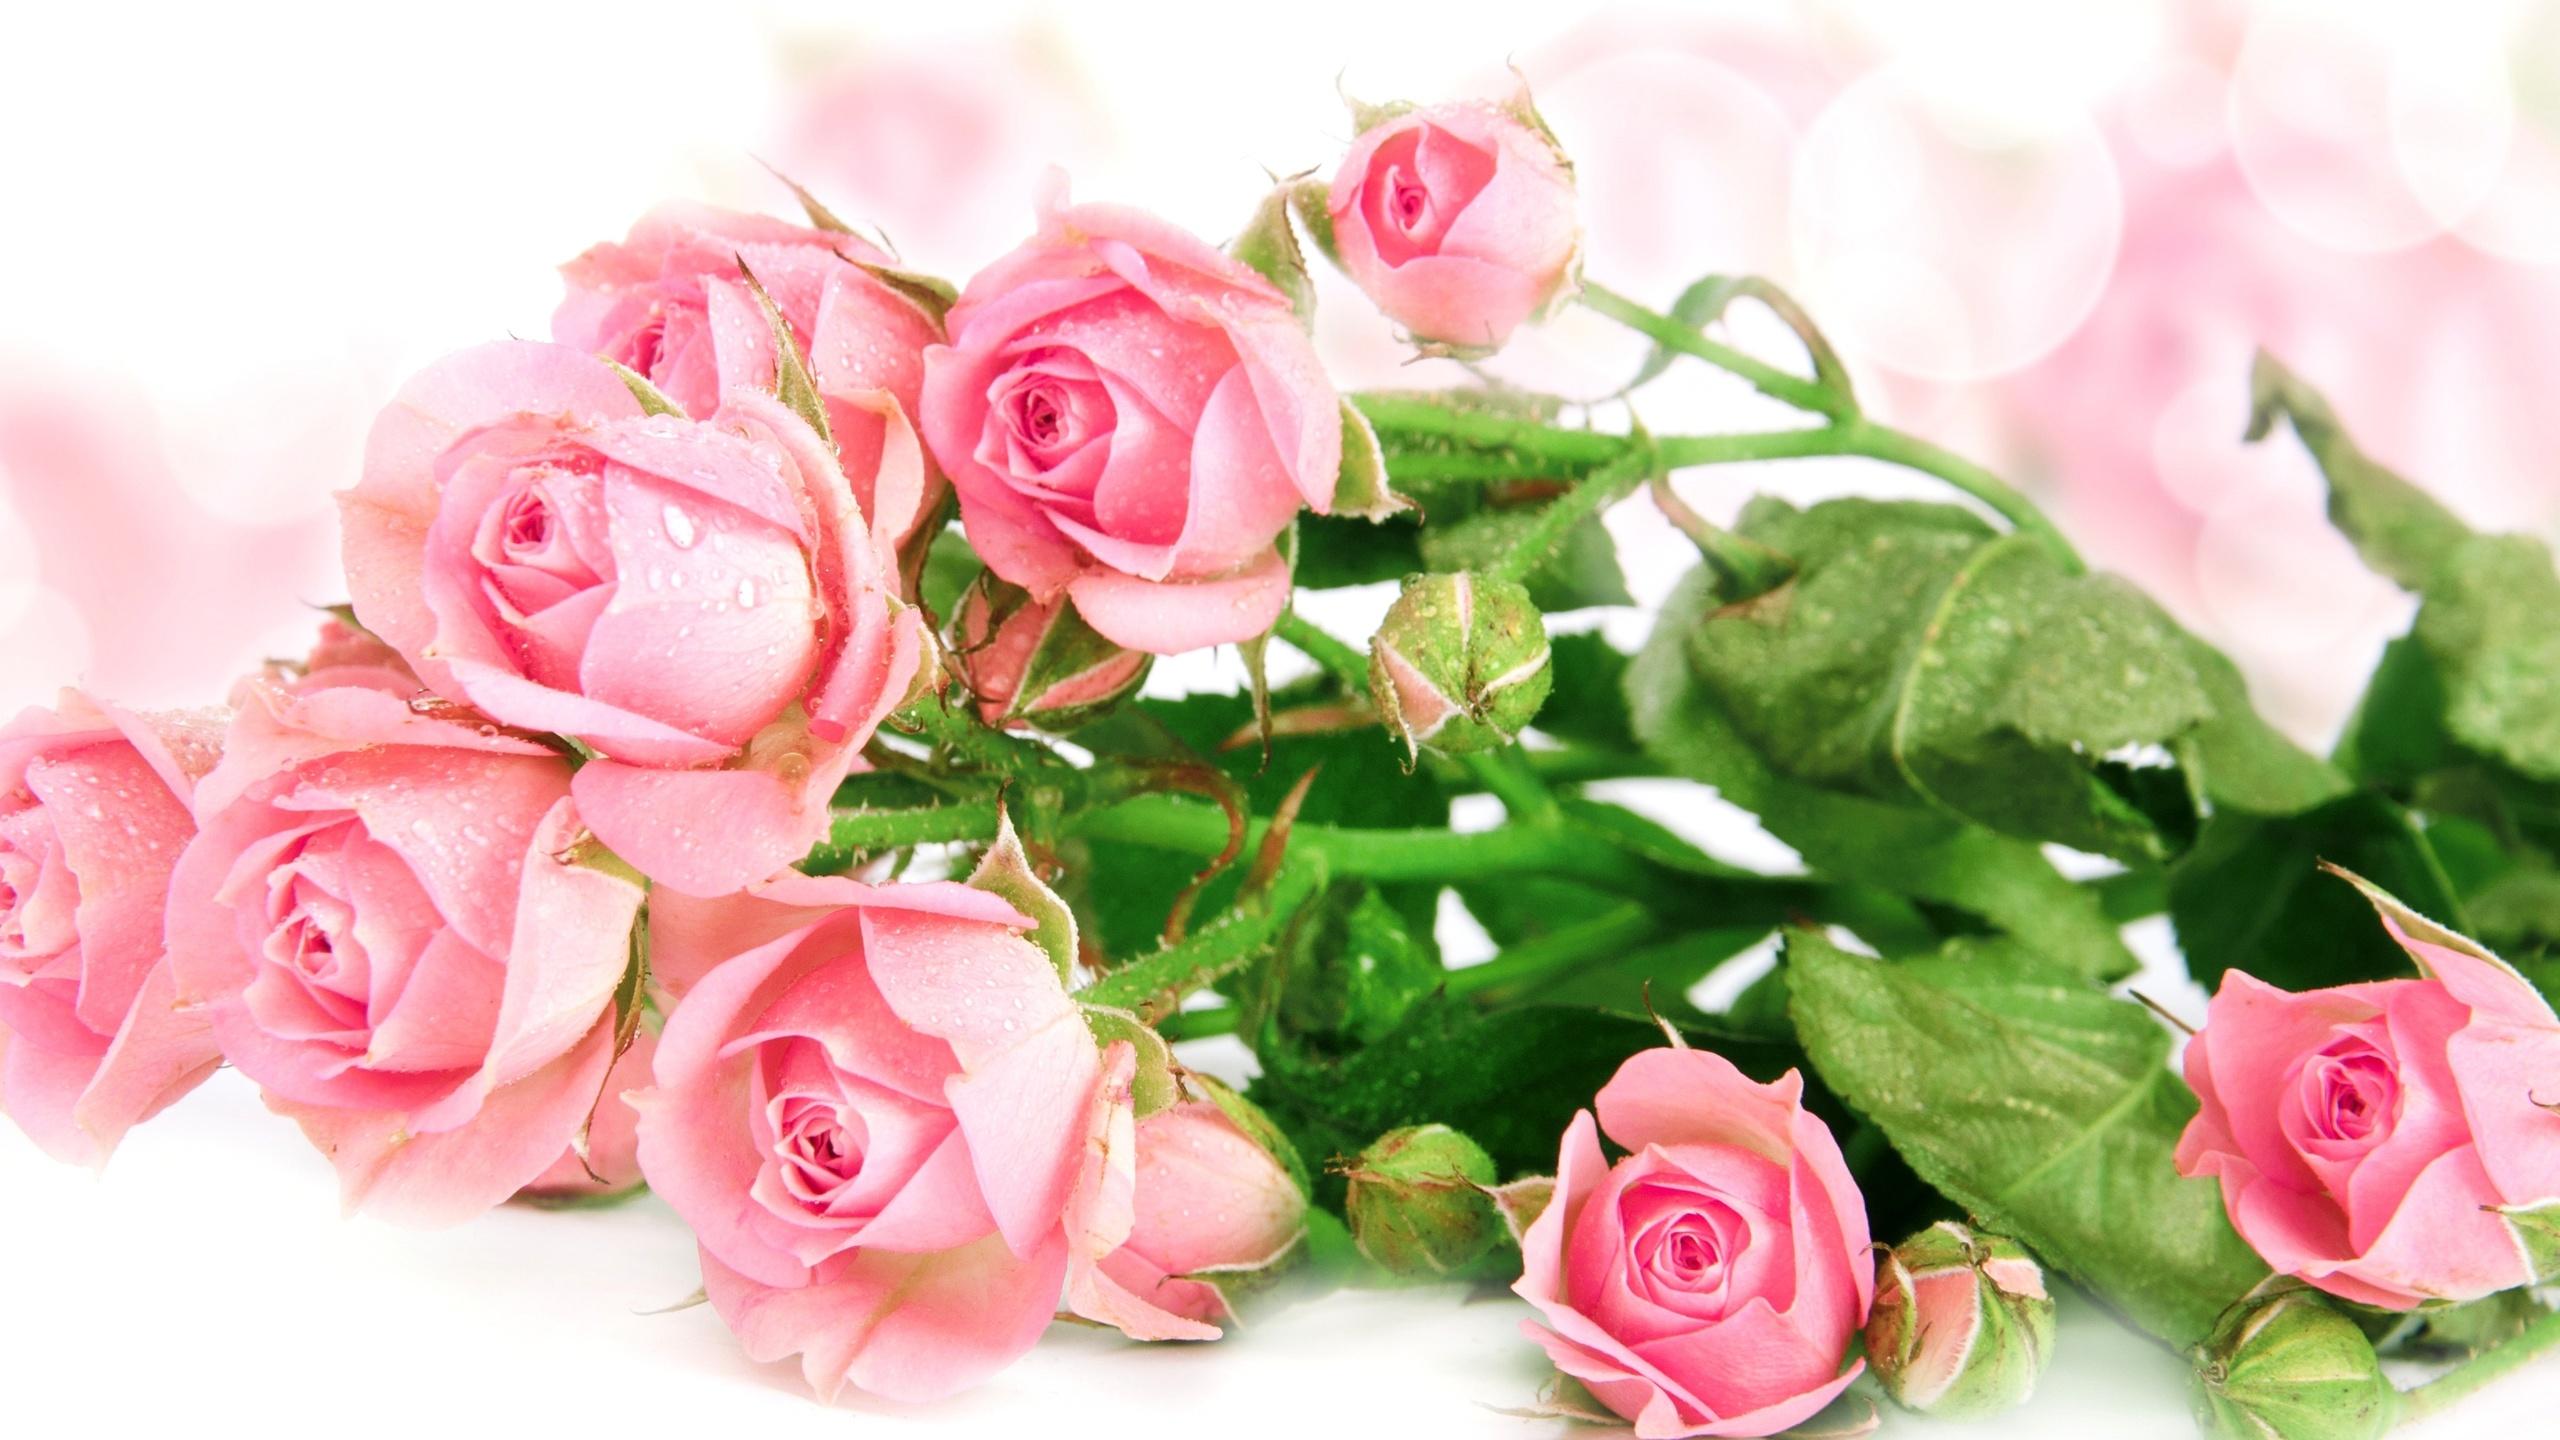 Открытки, открытки с днем рождения розы на белом фоне